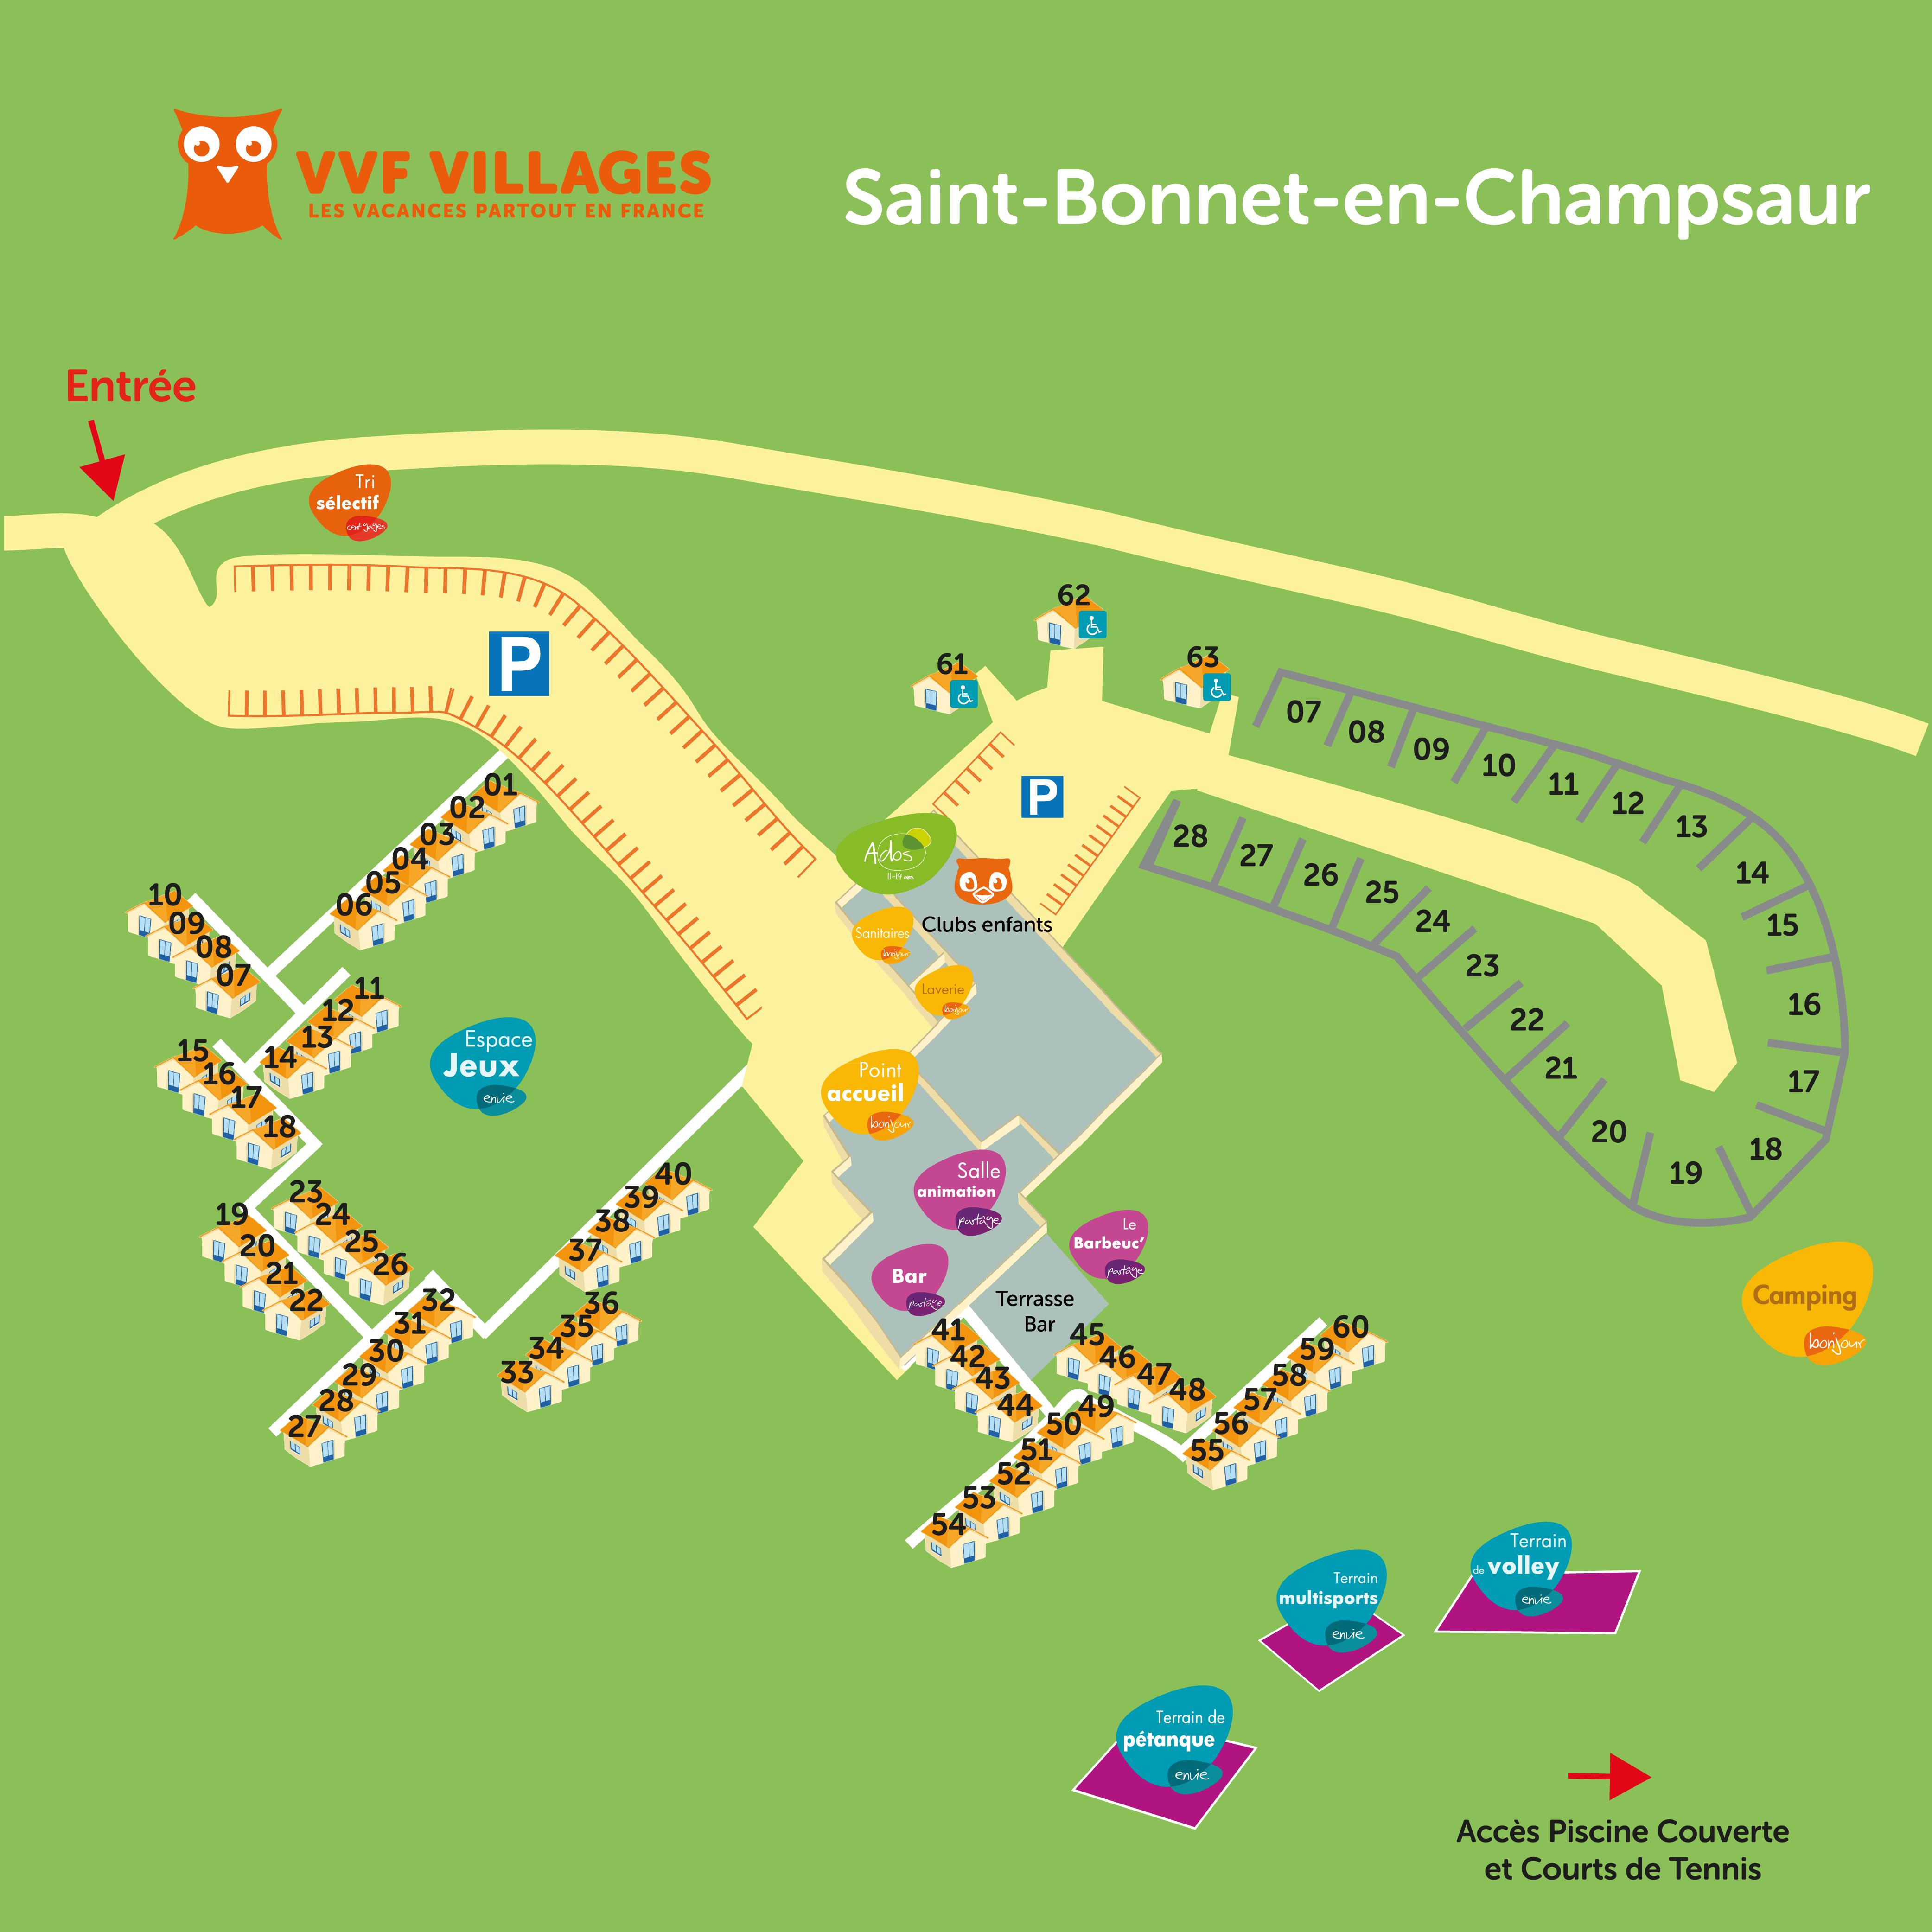 Plan du village de Saint-Bonnet-en-Champsaur